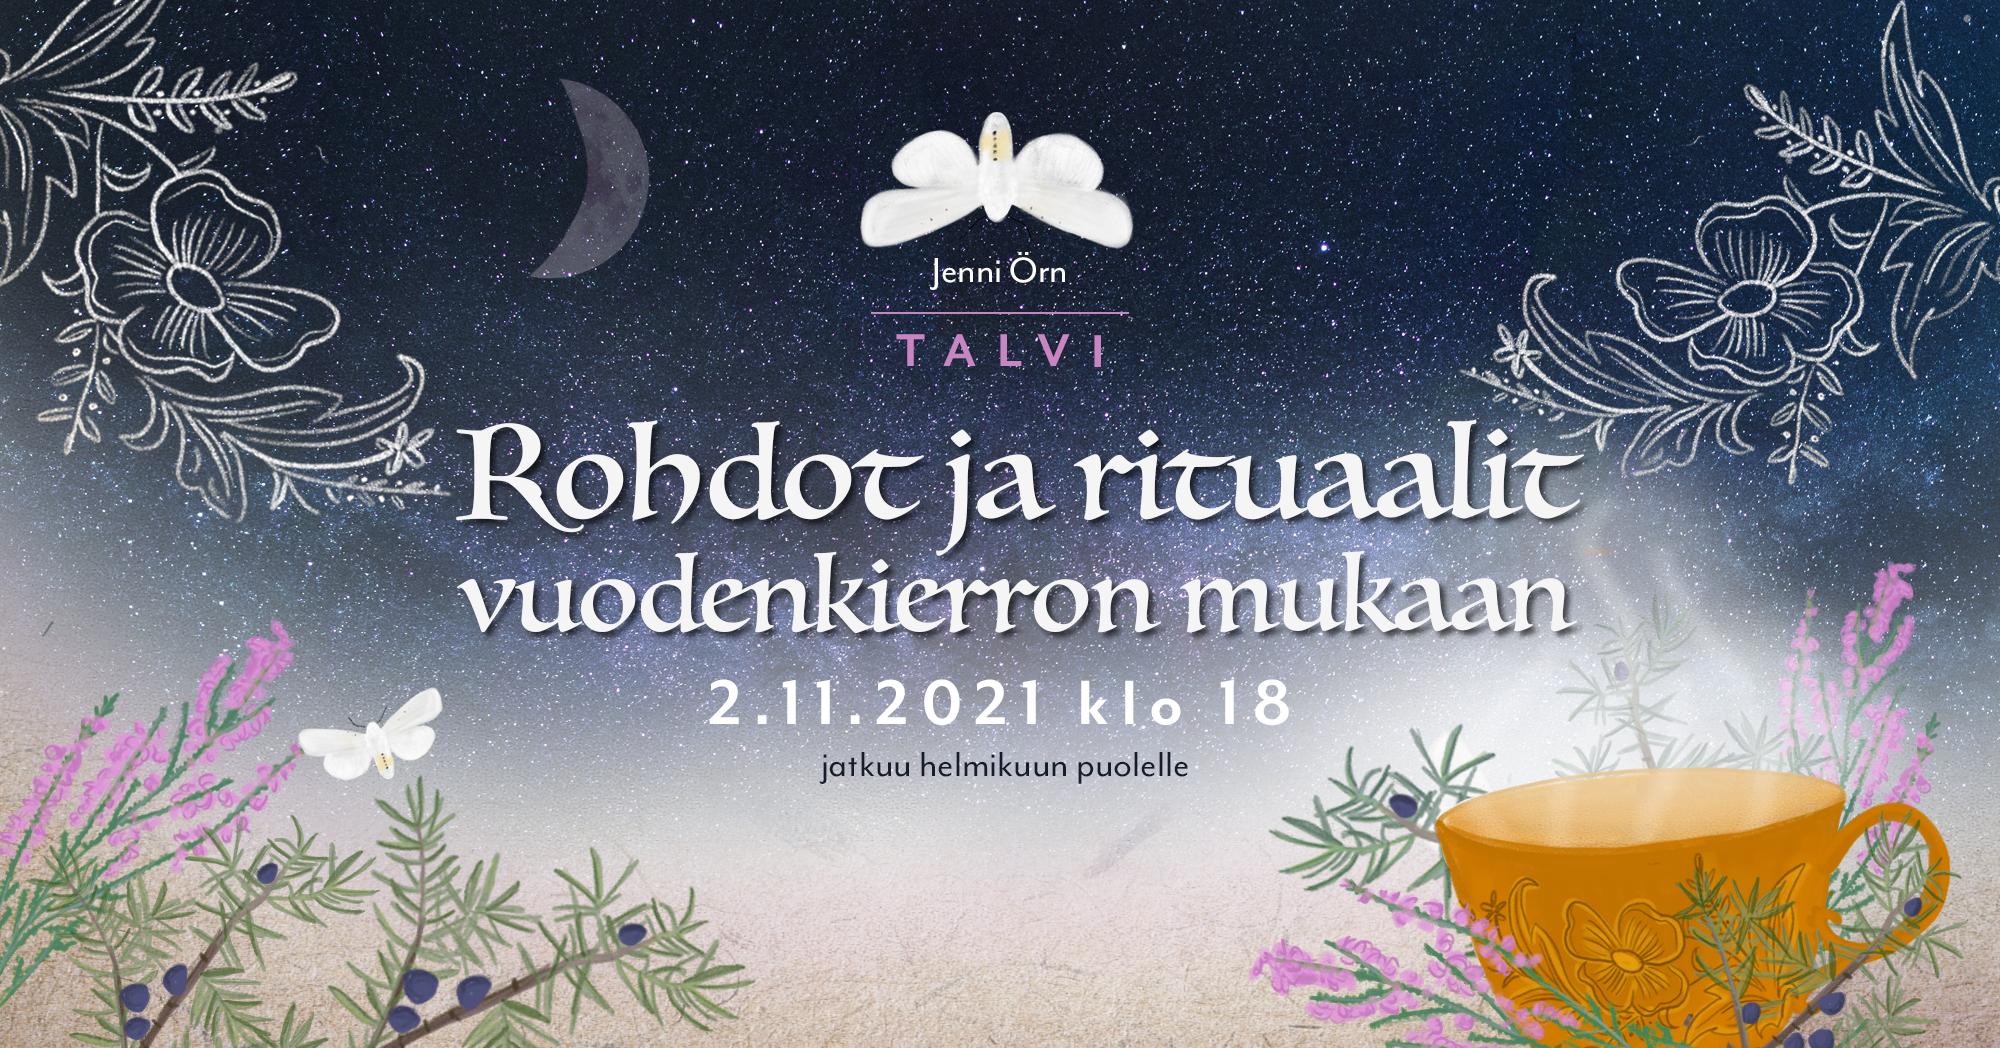 banneri_talvi_rohdot